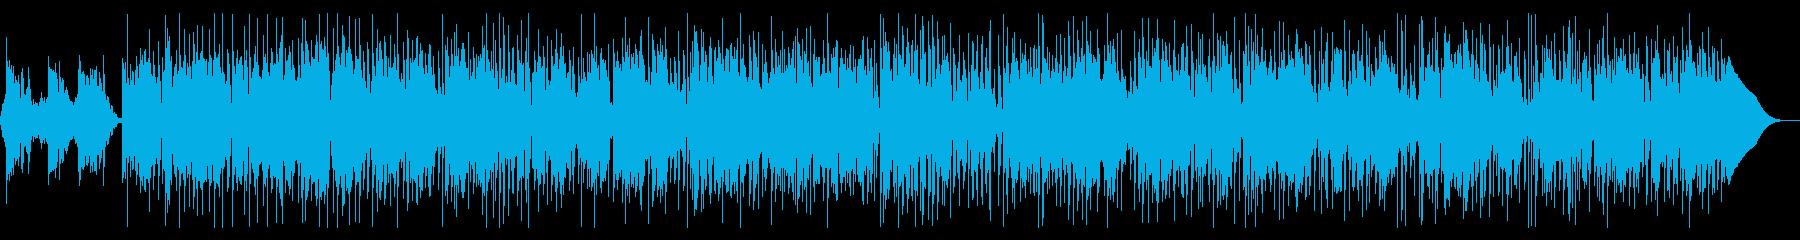 SAXとフルートとが心地よいレゲエの再生済みの波形